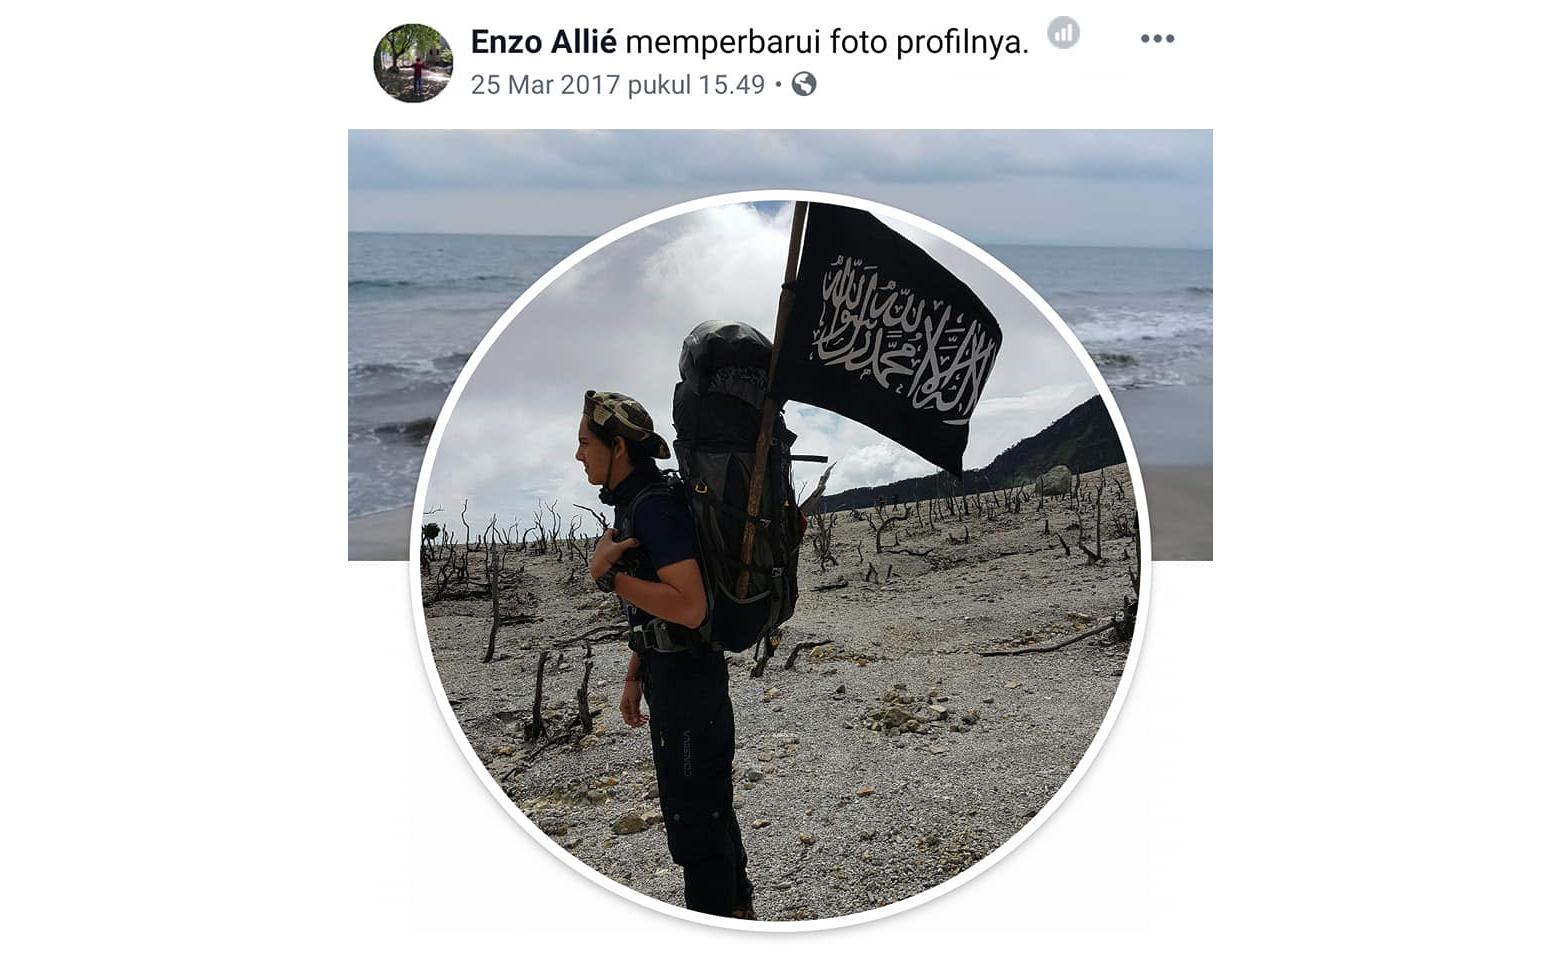 Foto profil Enzo Allie di Facebook. Sayang, akun itu tak bisa ditelusuri lantaran sudah dihapus. (Foto: Facebook Salman Faris)